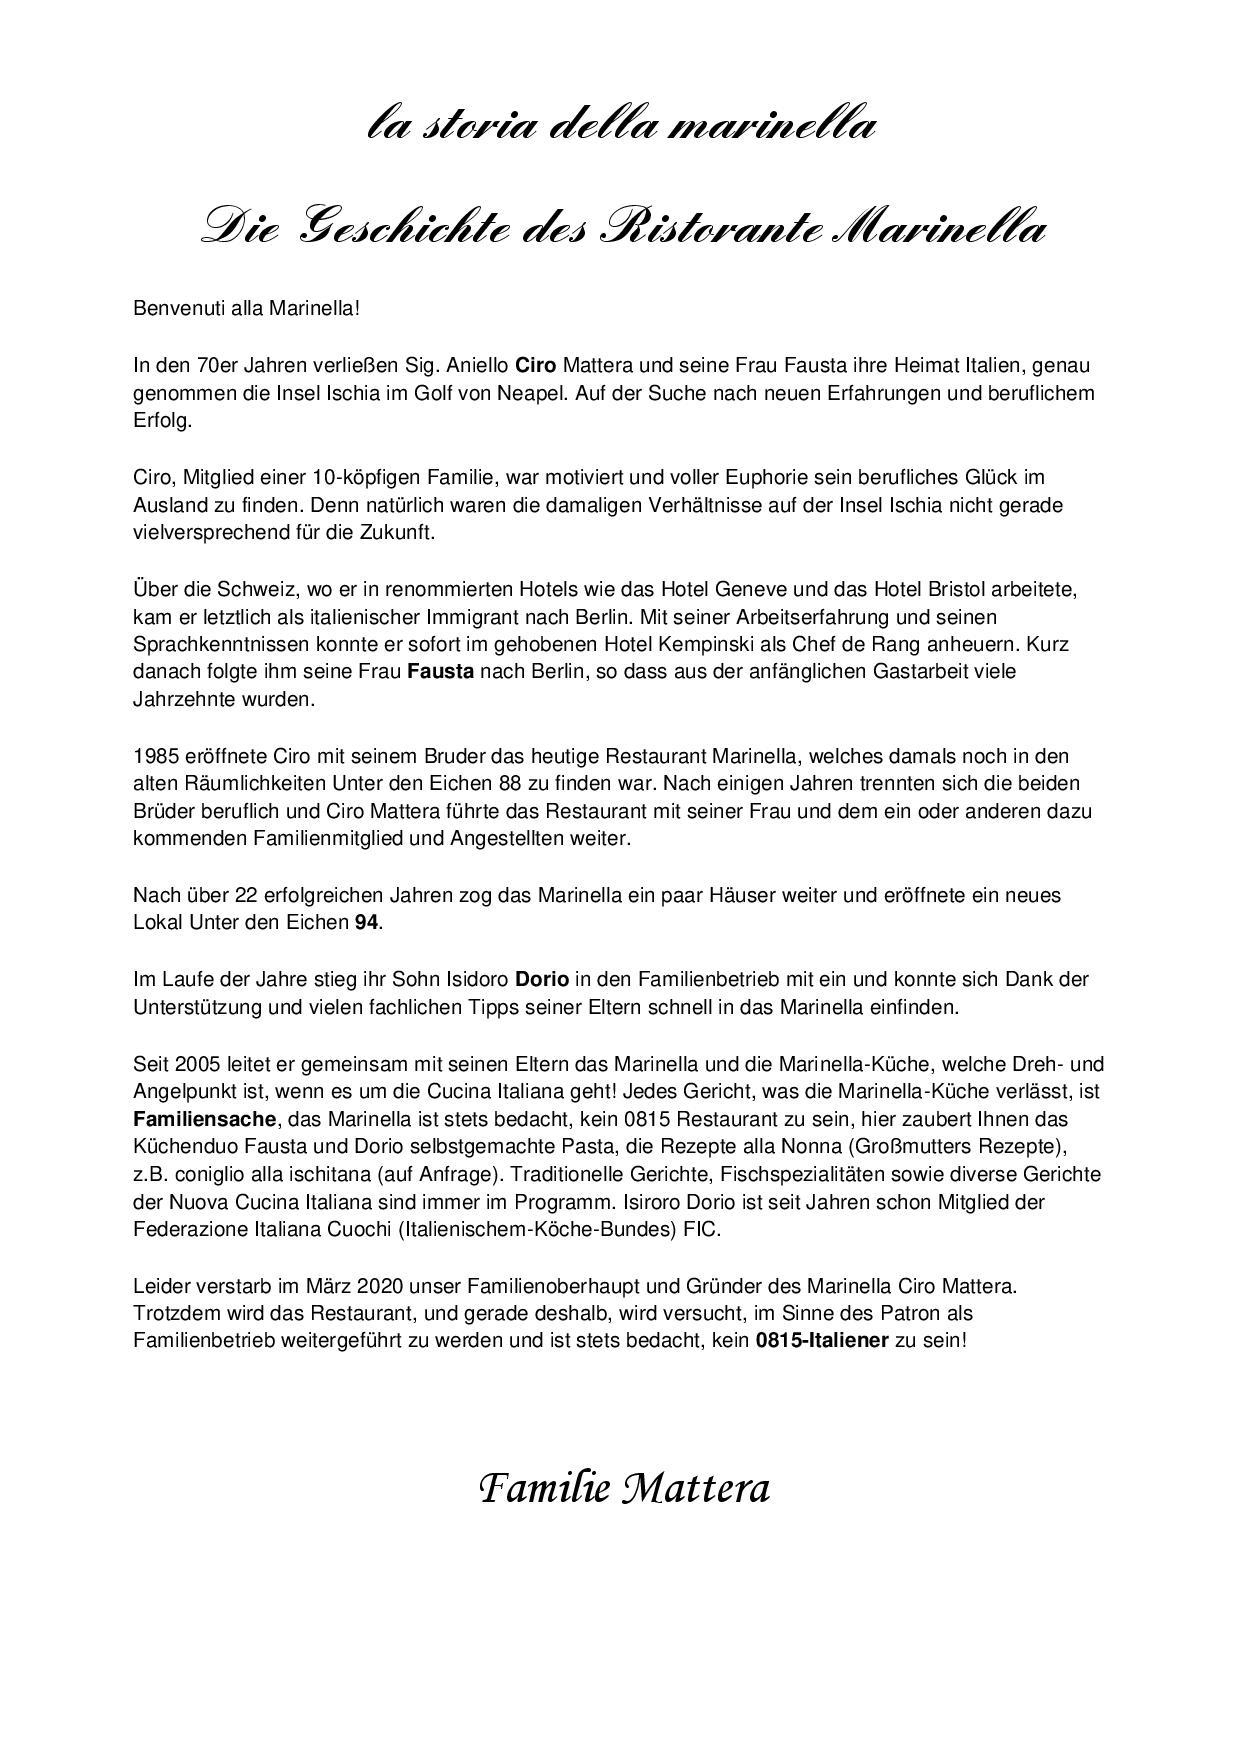 speisekarte-marinella-15-5-21-page-002